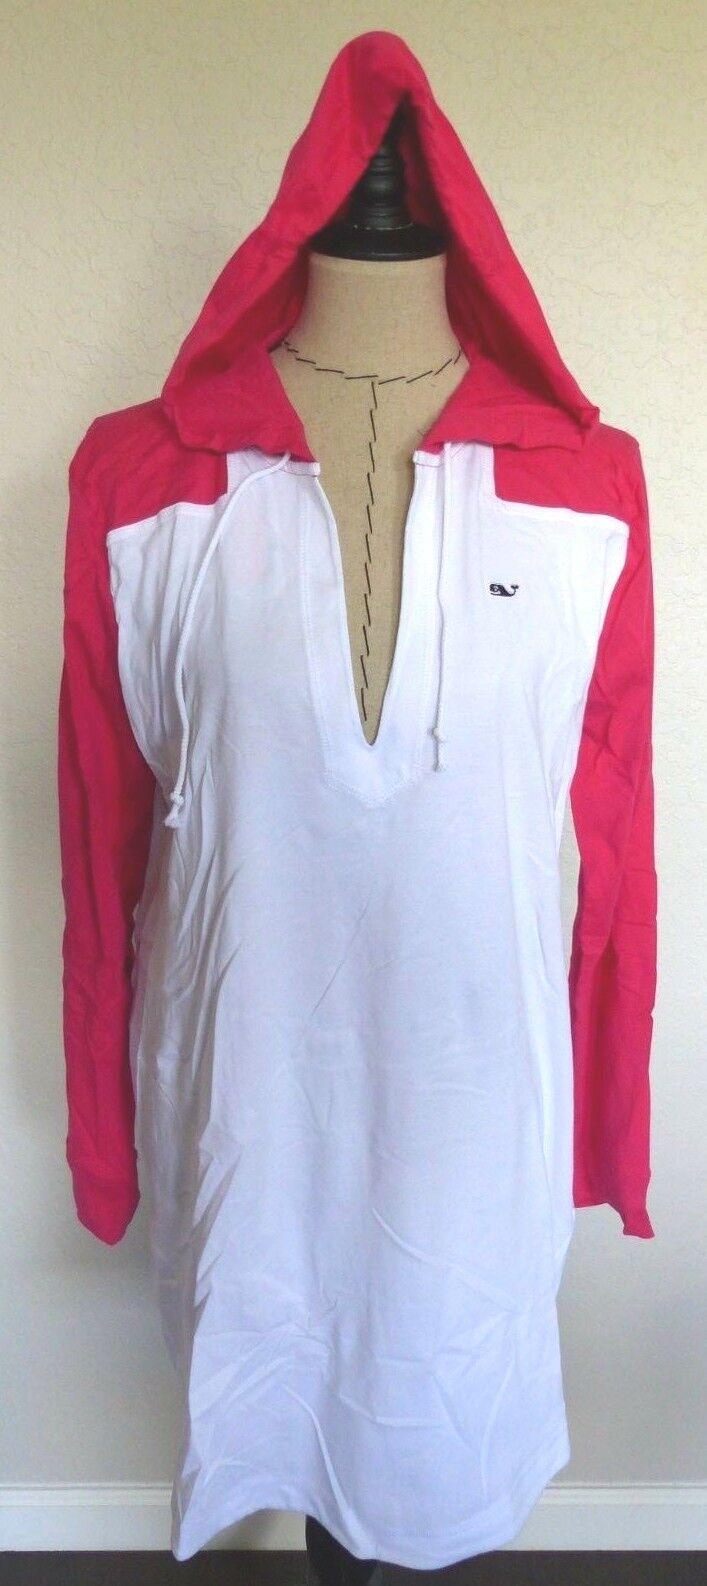 VINEYARD VINES Women's Long Sleeve Hoodie Tee DRESS  Size LG Pink White NWT